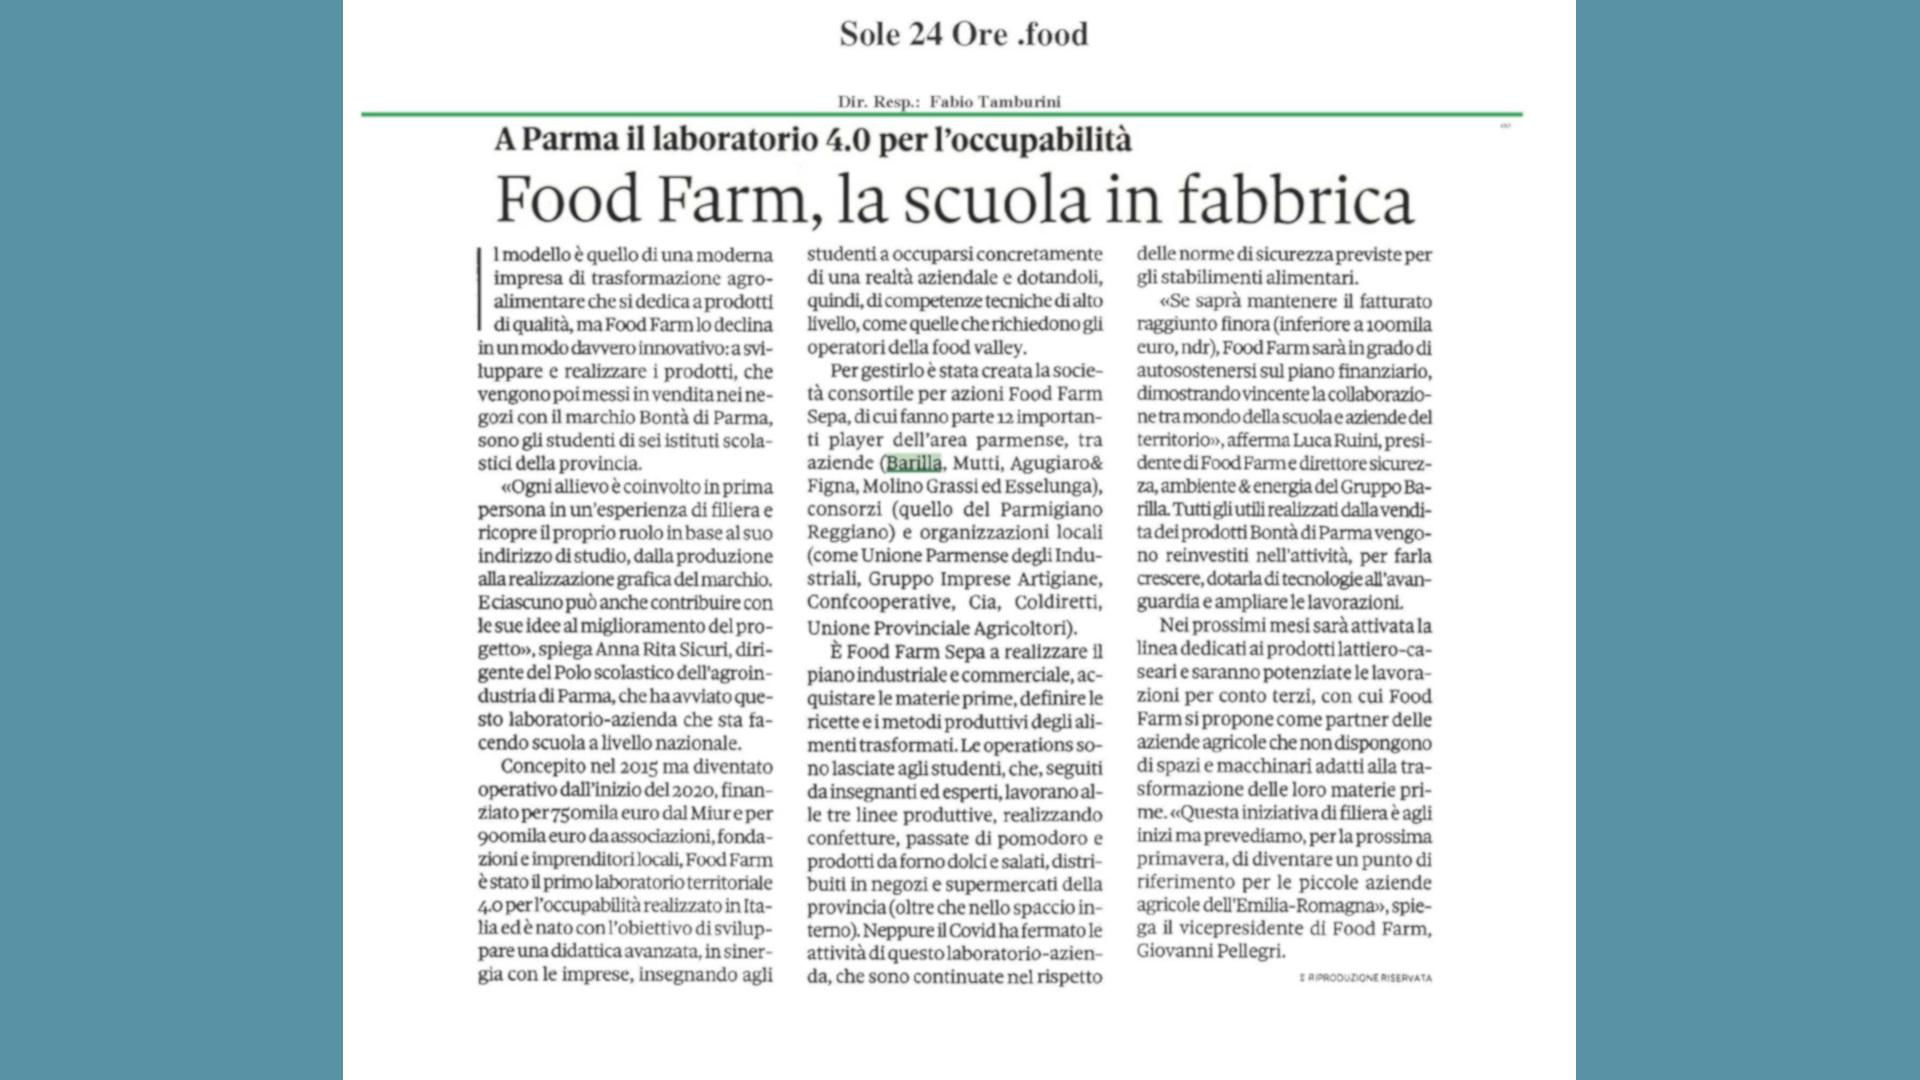 Food Farm la Scuola in Fabbrica